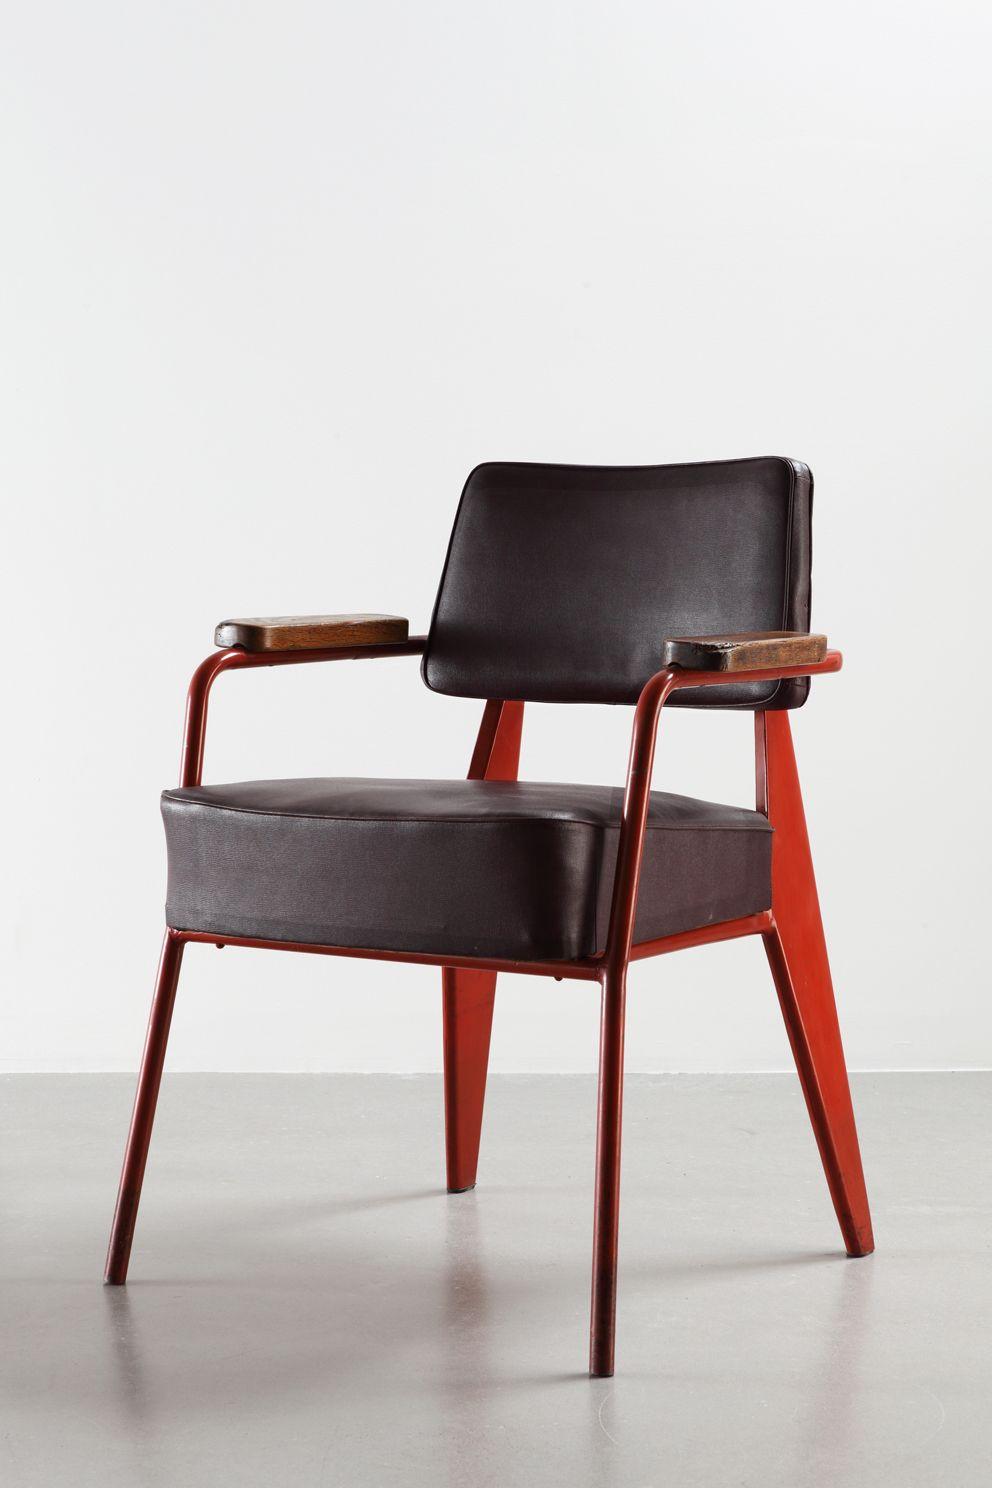 jean prouv direzione n 352 sedia da ufficio 1951 chair vintage rh pinterest com